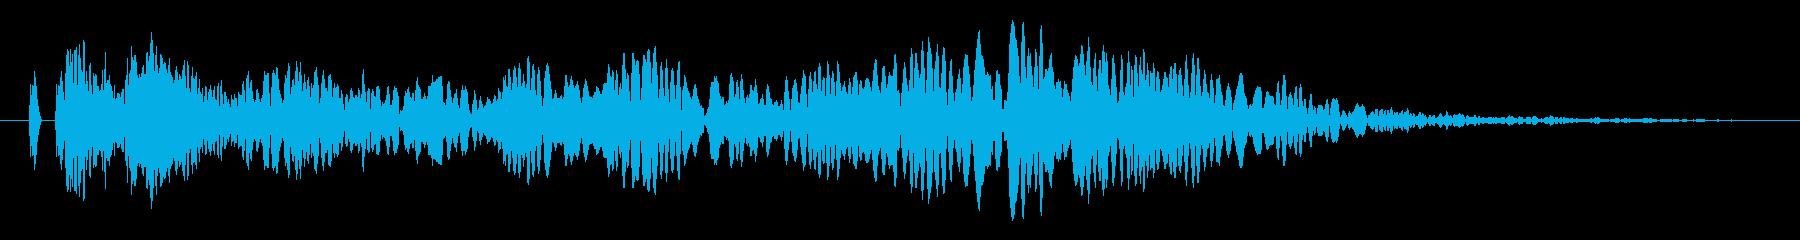 ヒュ〜!本当にリアルな花火の効果音!の再生済みの波形